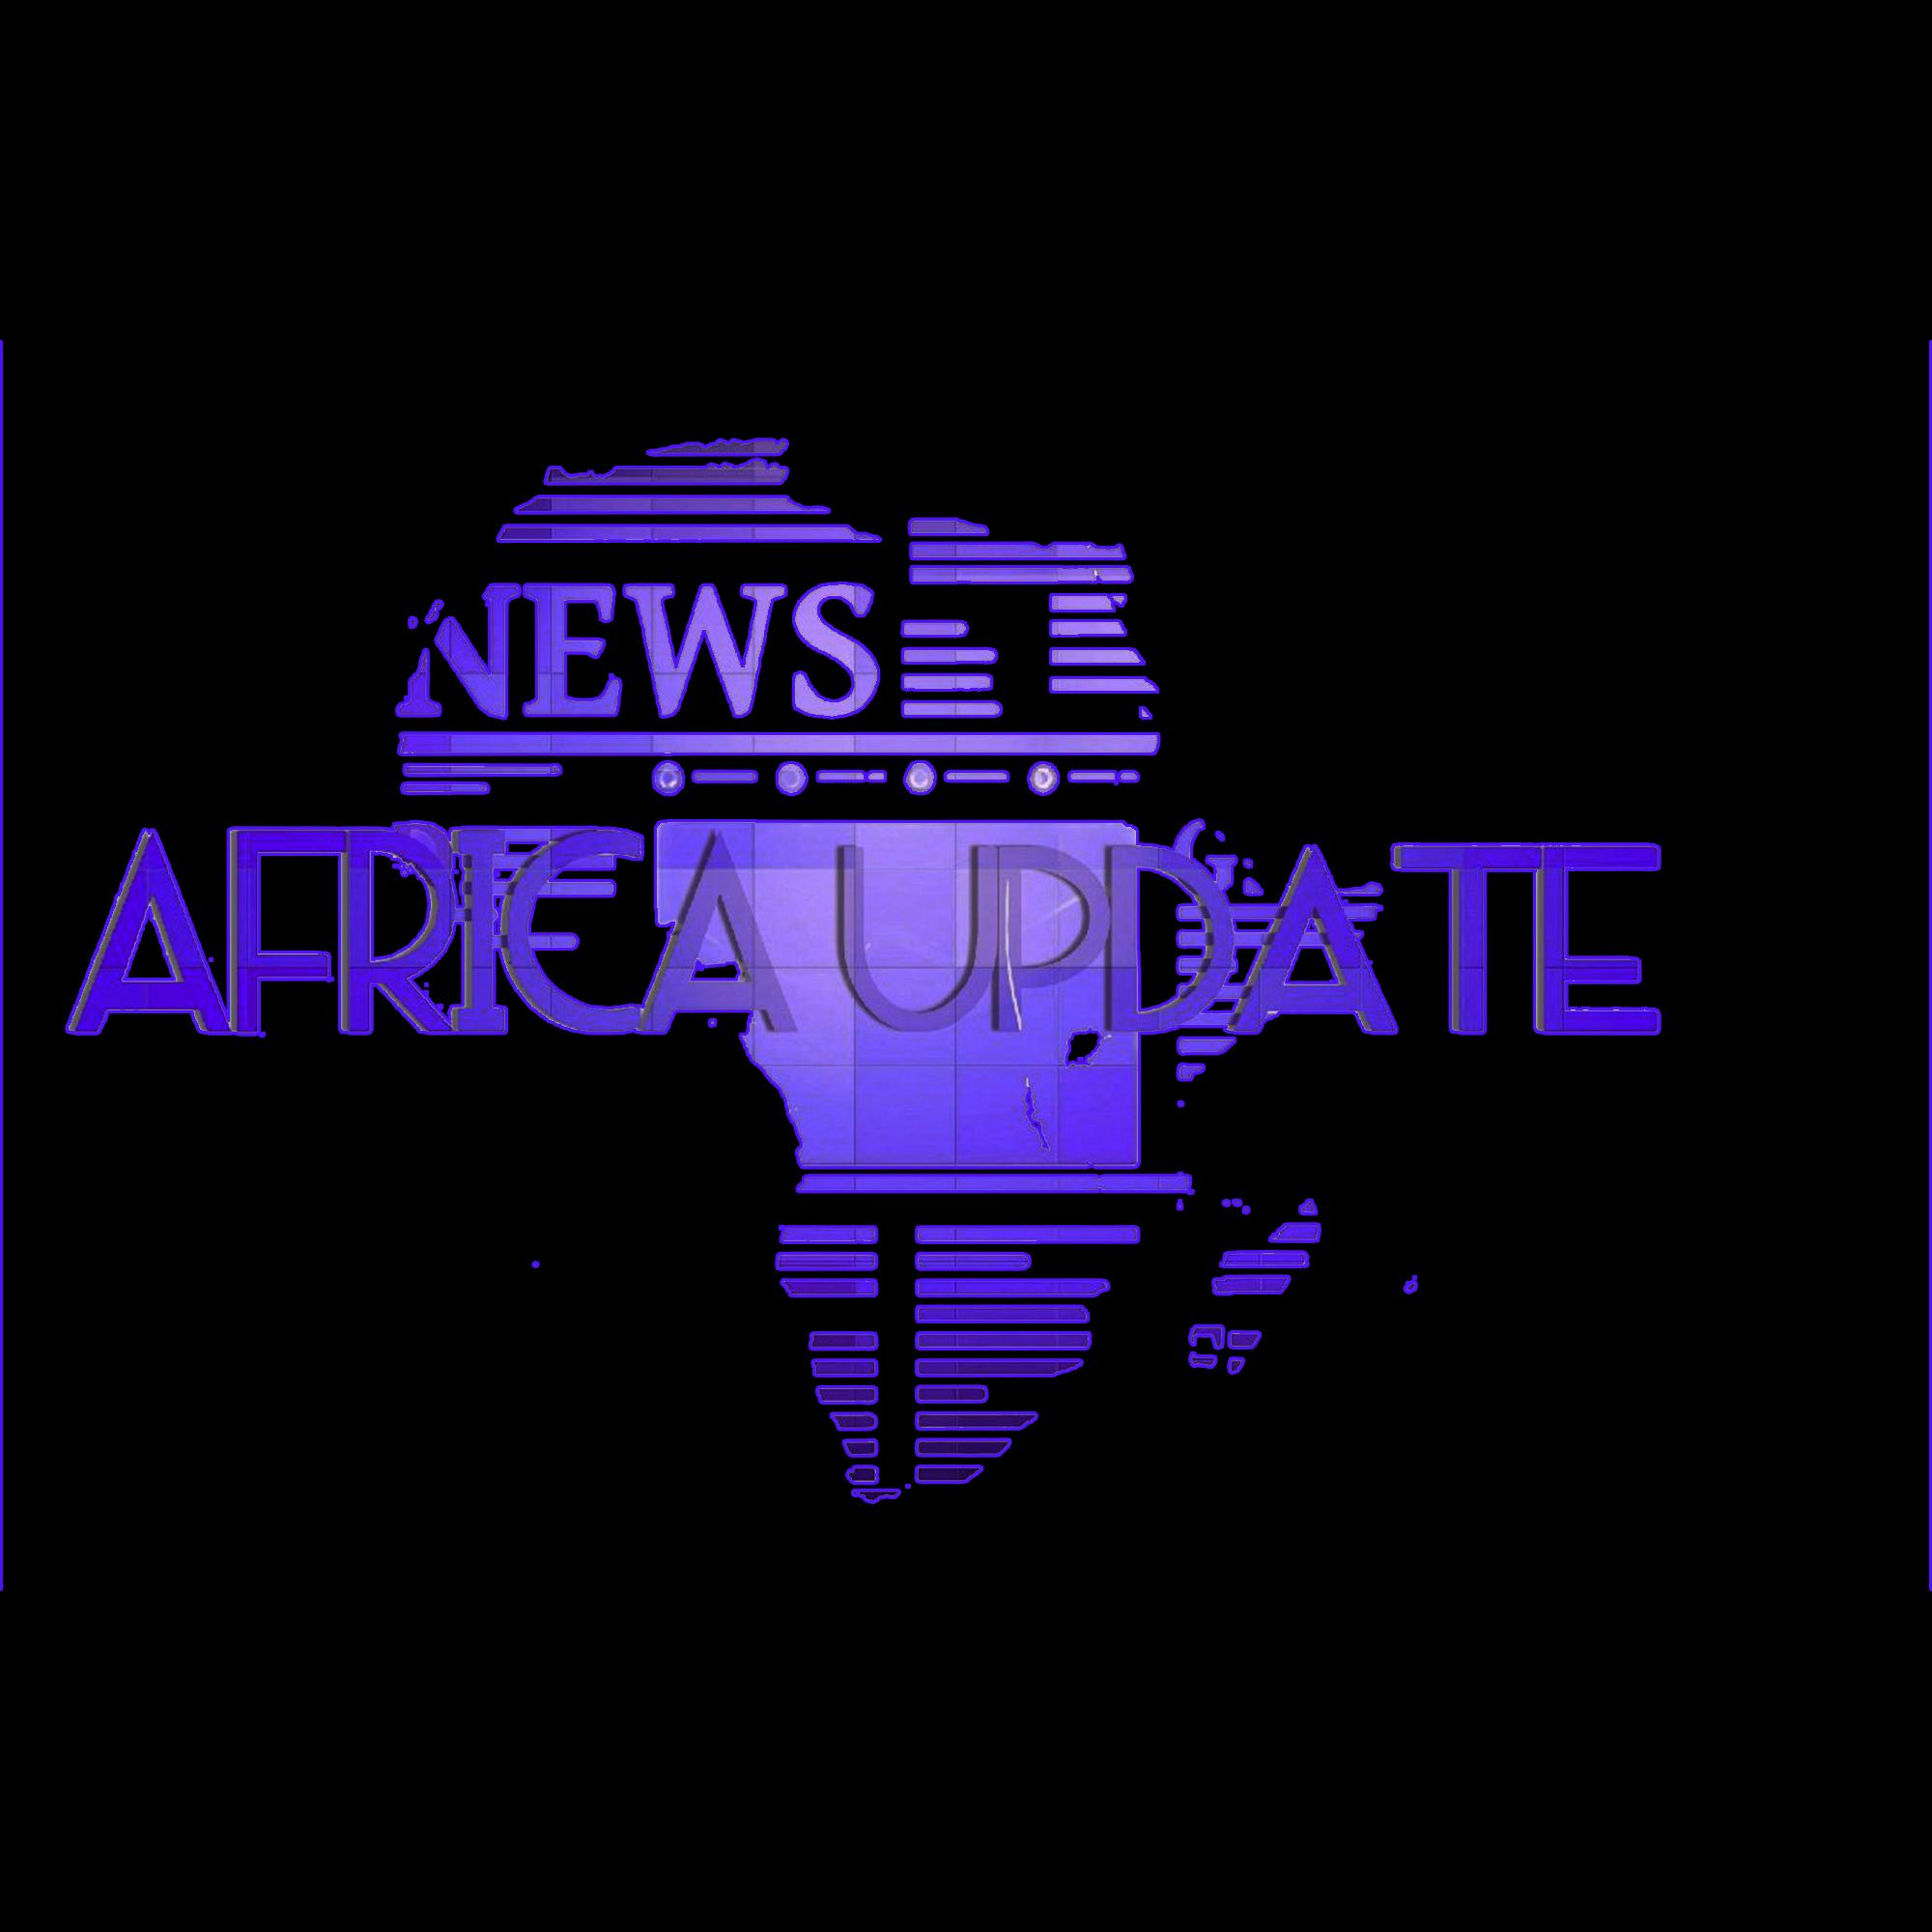 Africa Update Radio